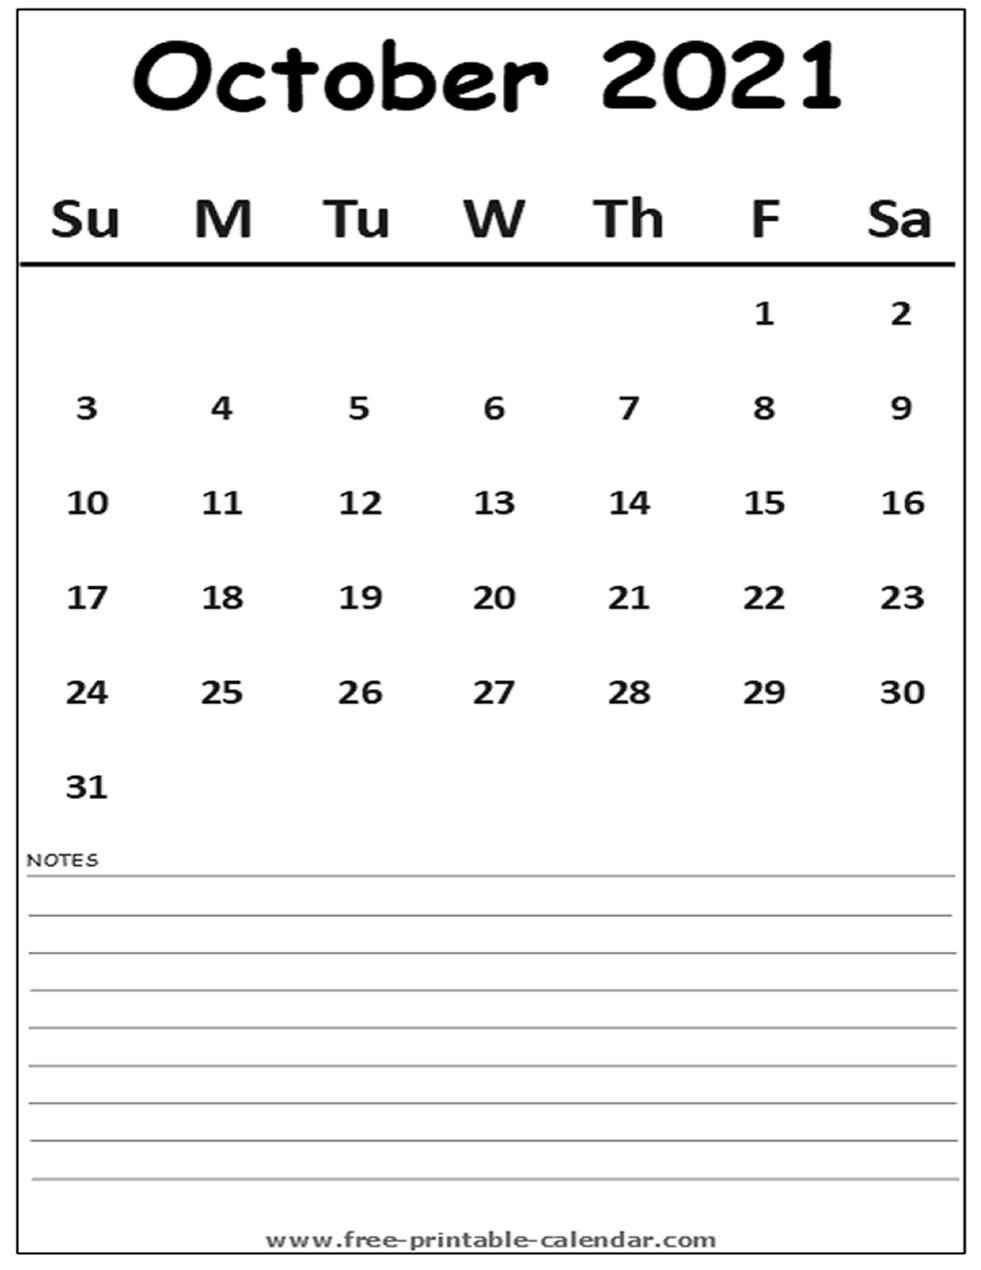 Calendar 2021 October - Free-Printable-Calendar